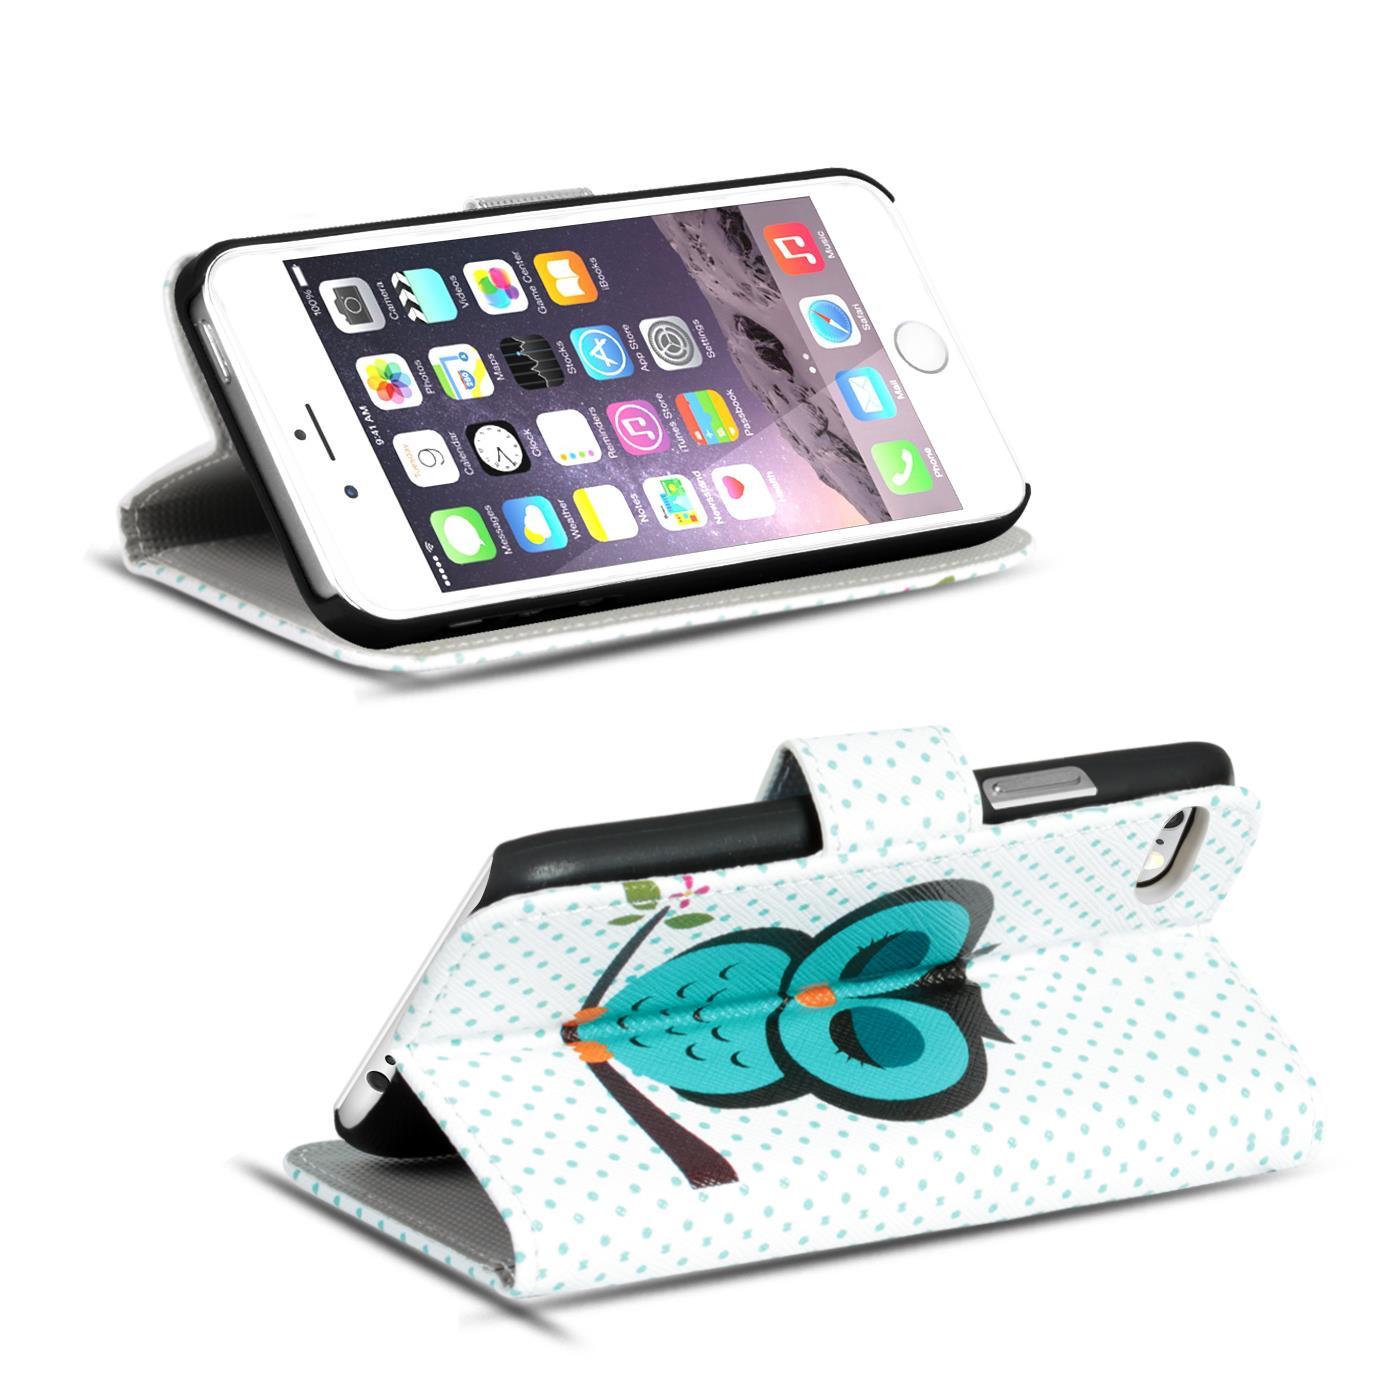 Handy-Huelle-Apple-iPhone-8-Plus-Flip-Cover-Case-Schutz-Tasche-Etui-Motiv-Wallet Indexbild 66